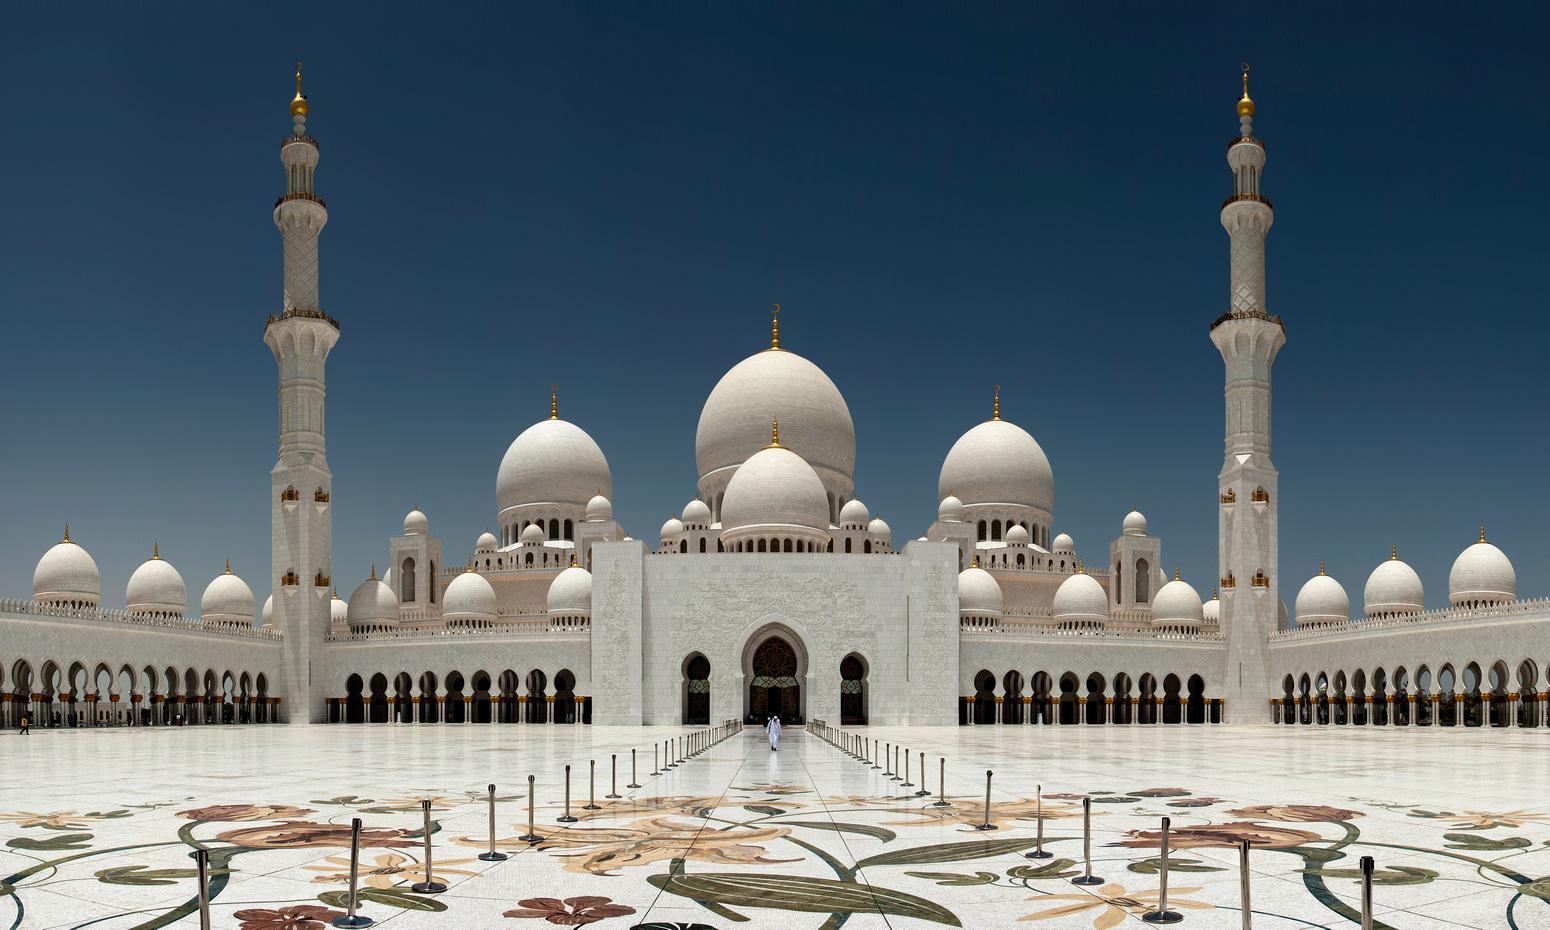 Đại Thánh đường Hồi giáo Sheikh Zayed